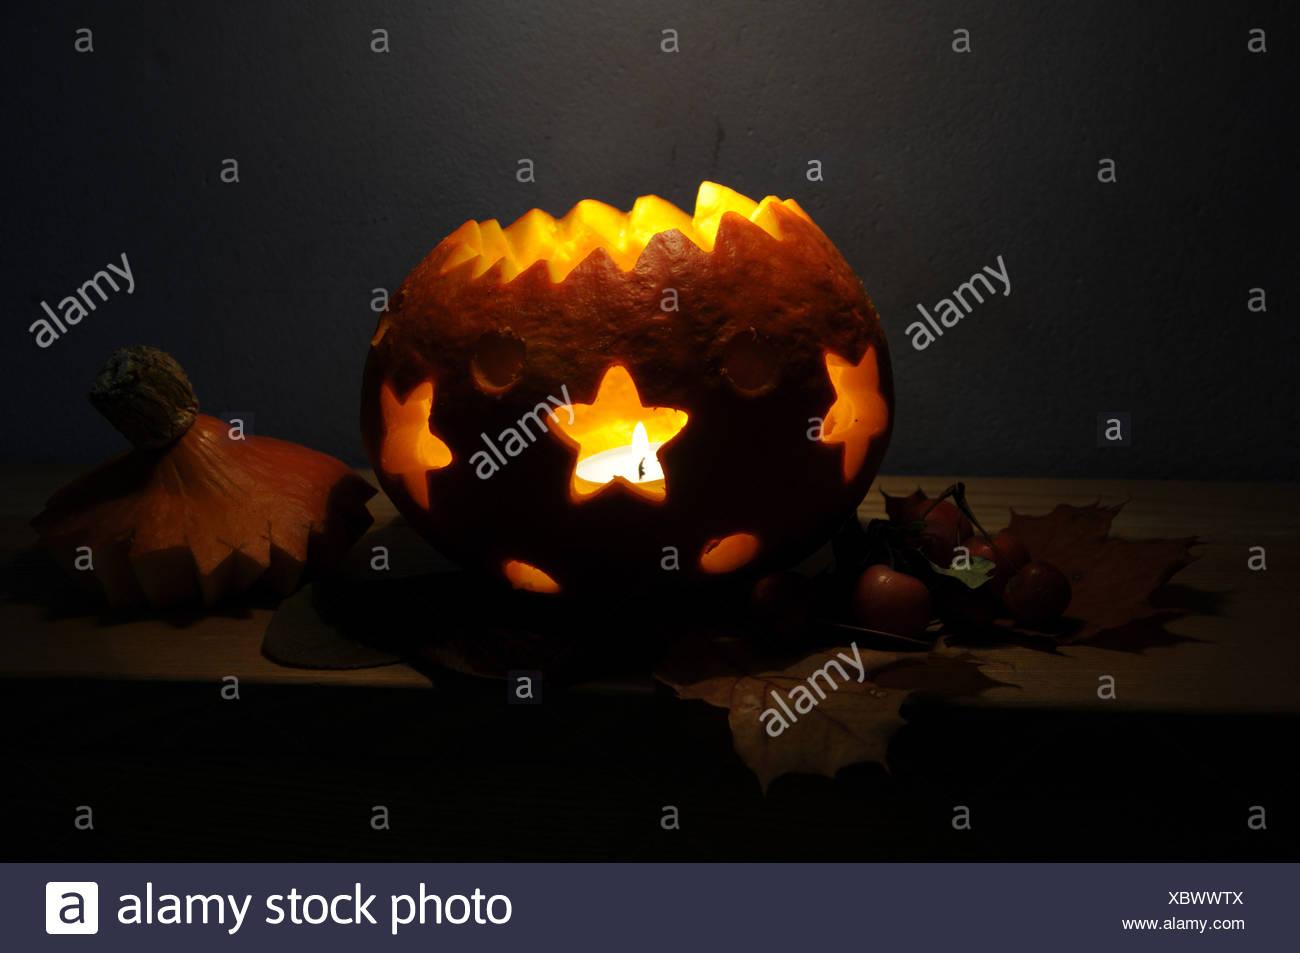 pumpkin lantern XBWWTX